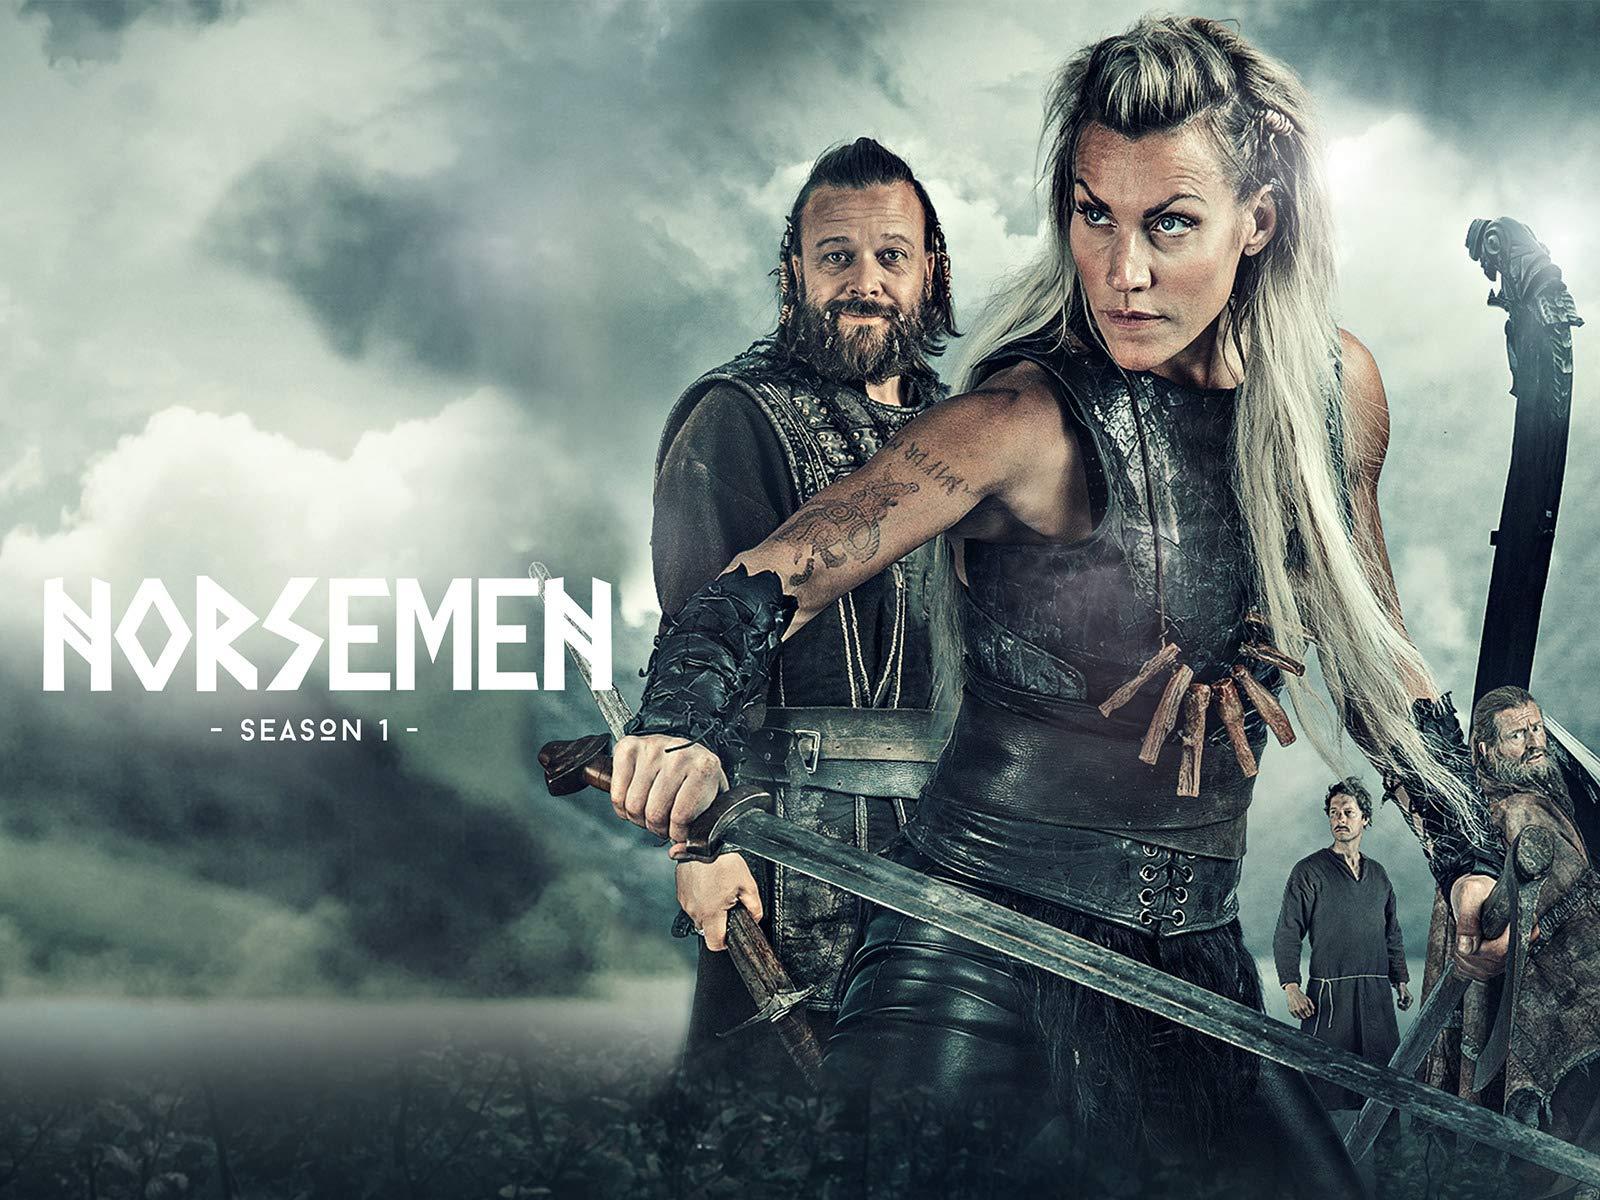 Watch Norsemen Prime Video